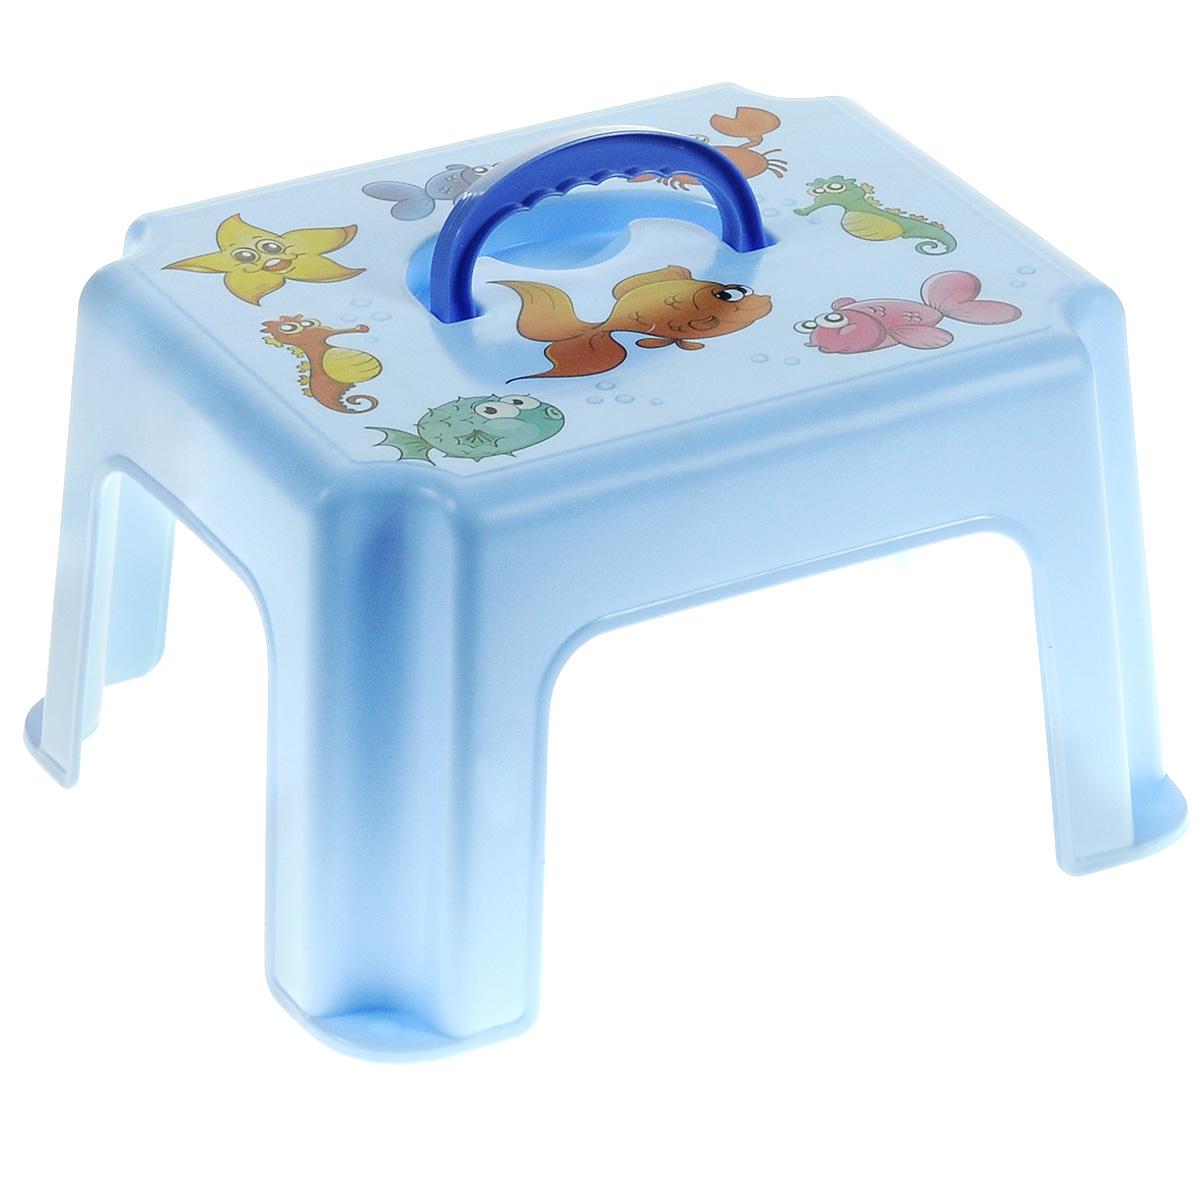 Табурет-подставка детский, с ручкой, цвет: голубой